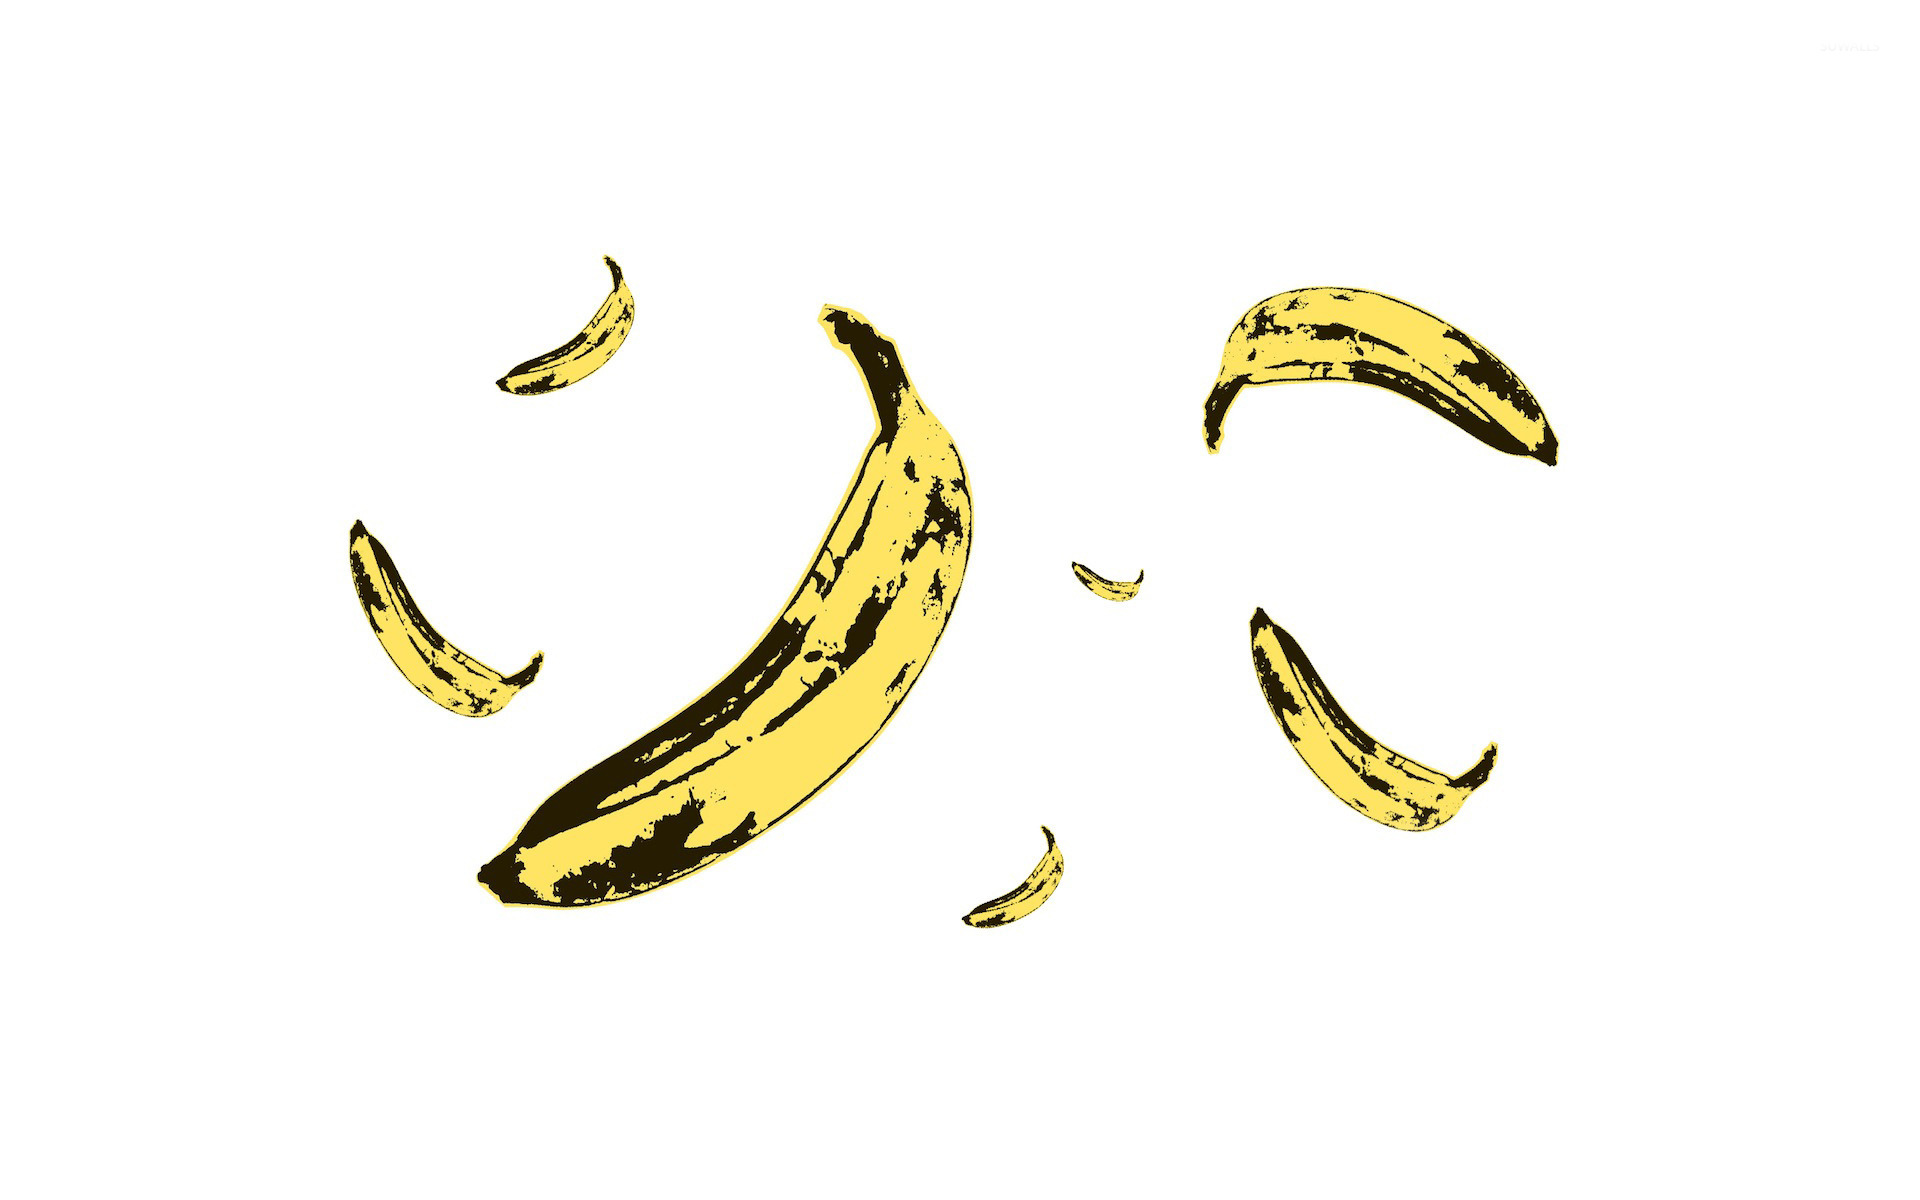 банан скачать